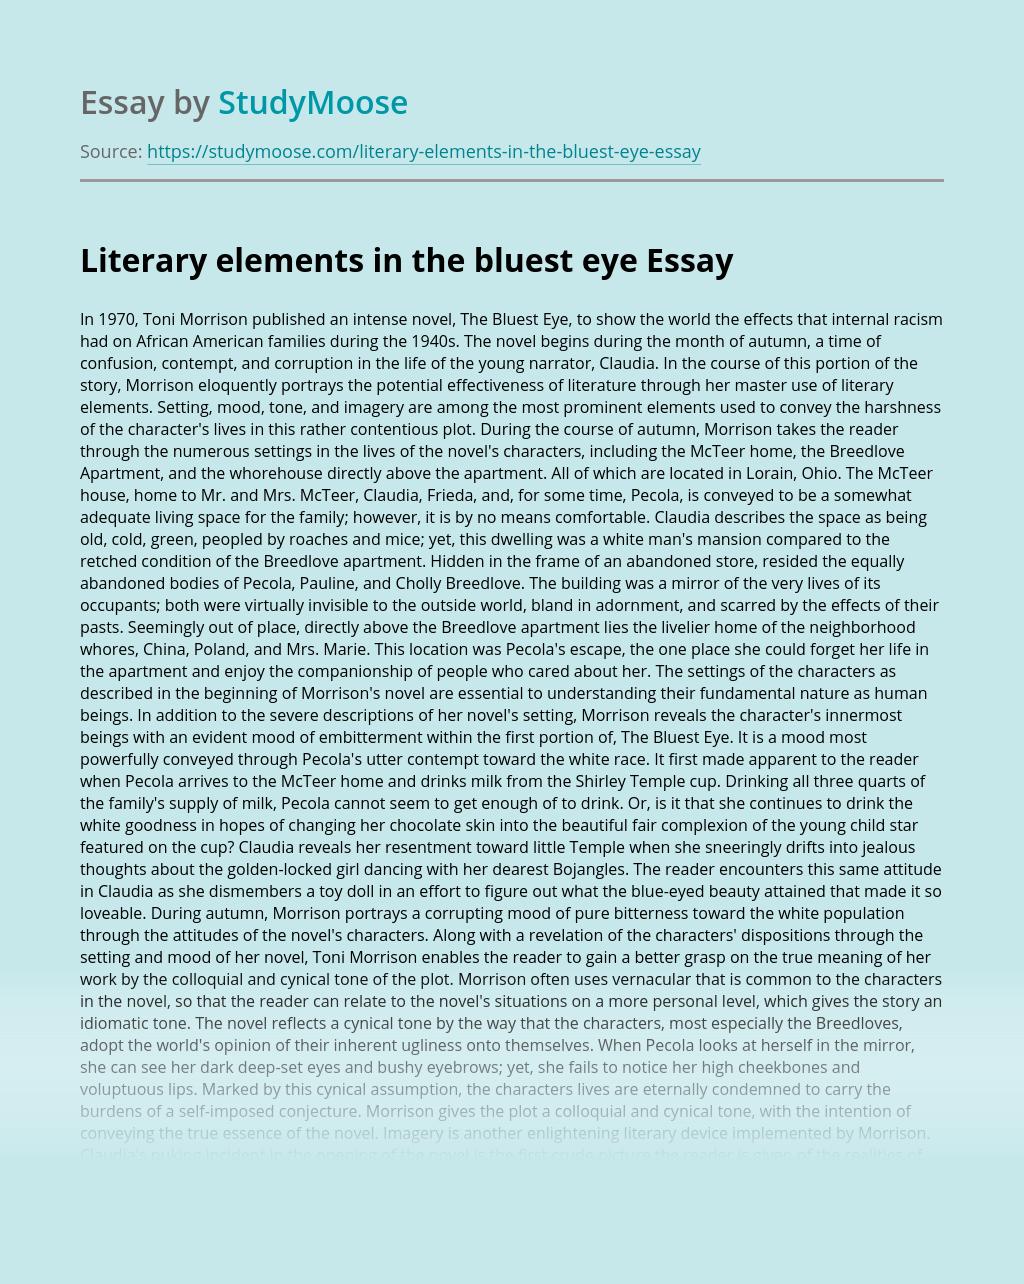 Literary elements in the bluest eye